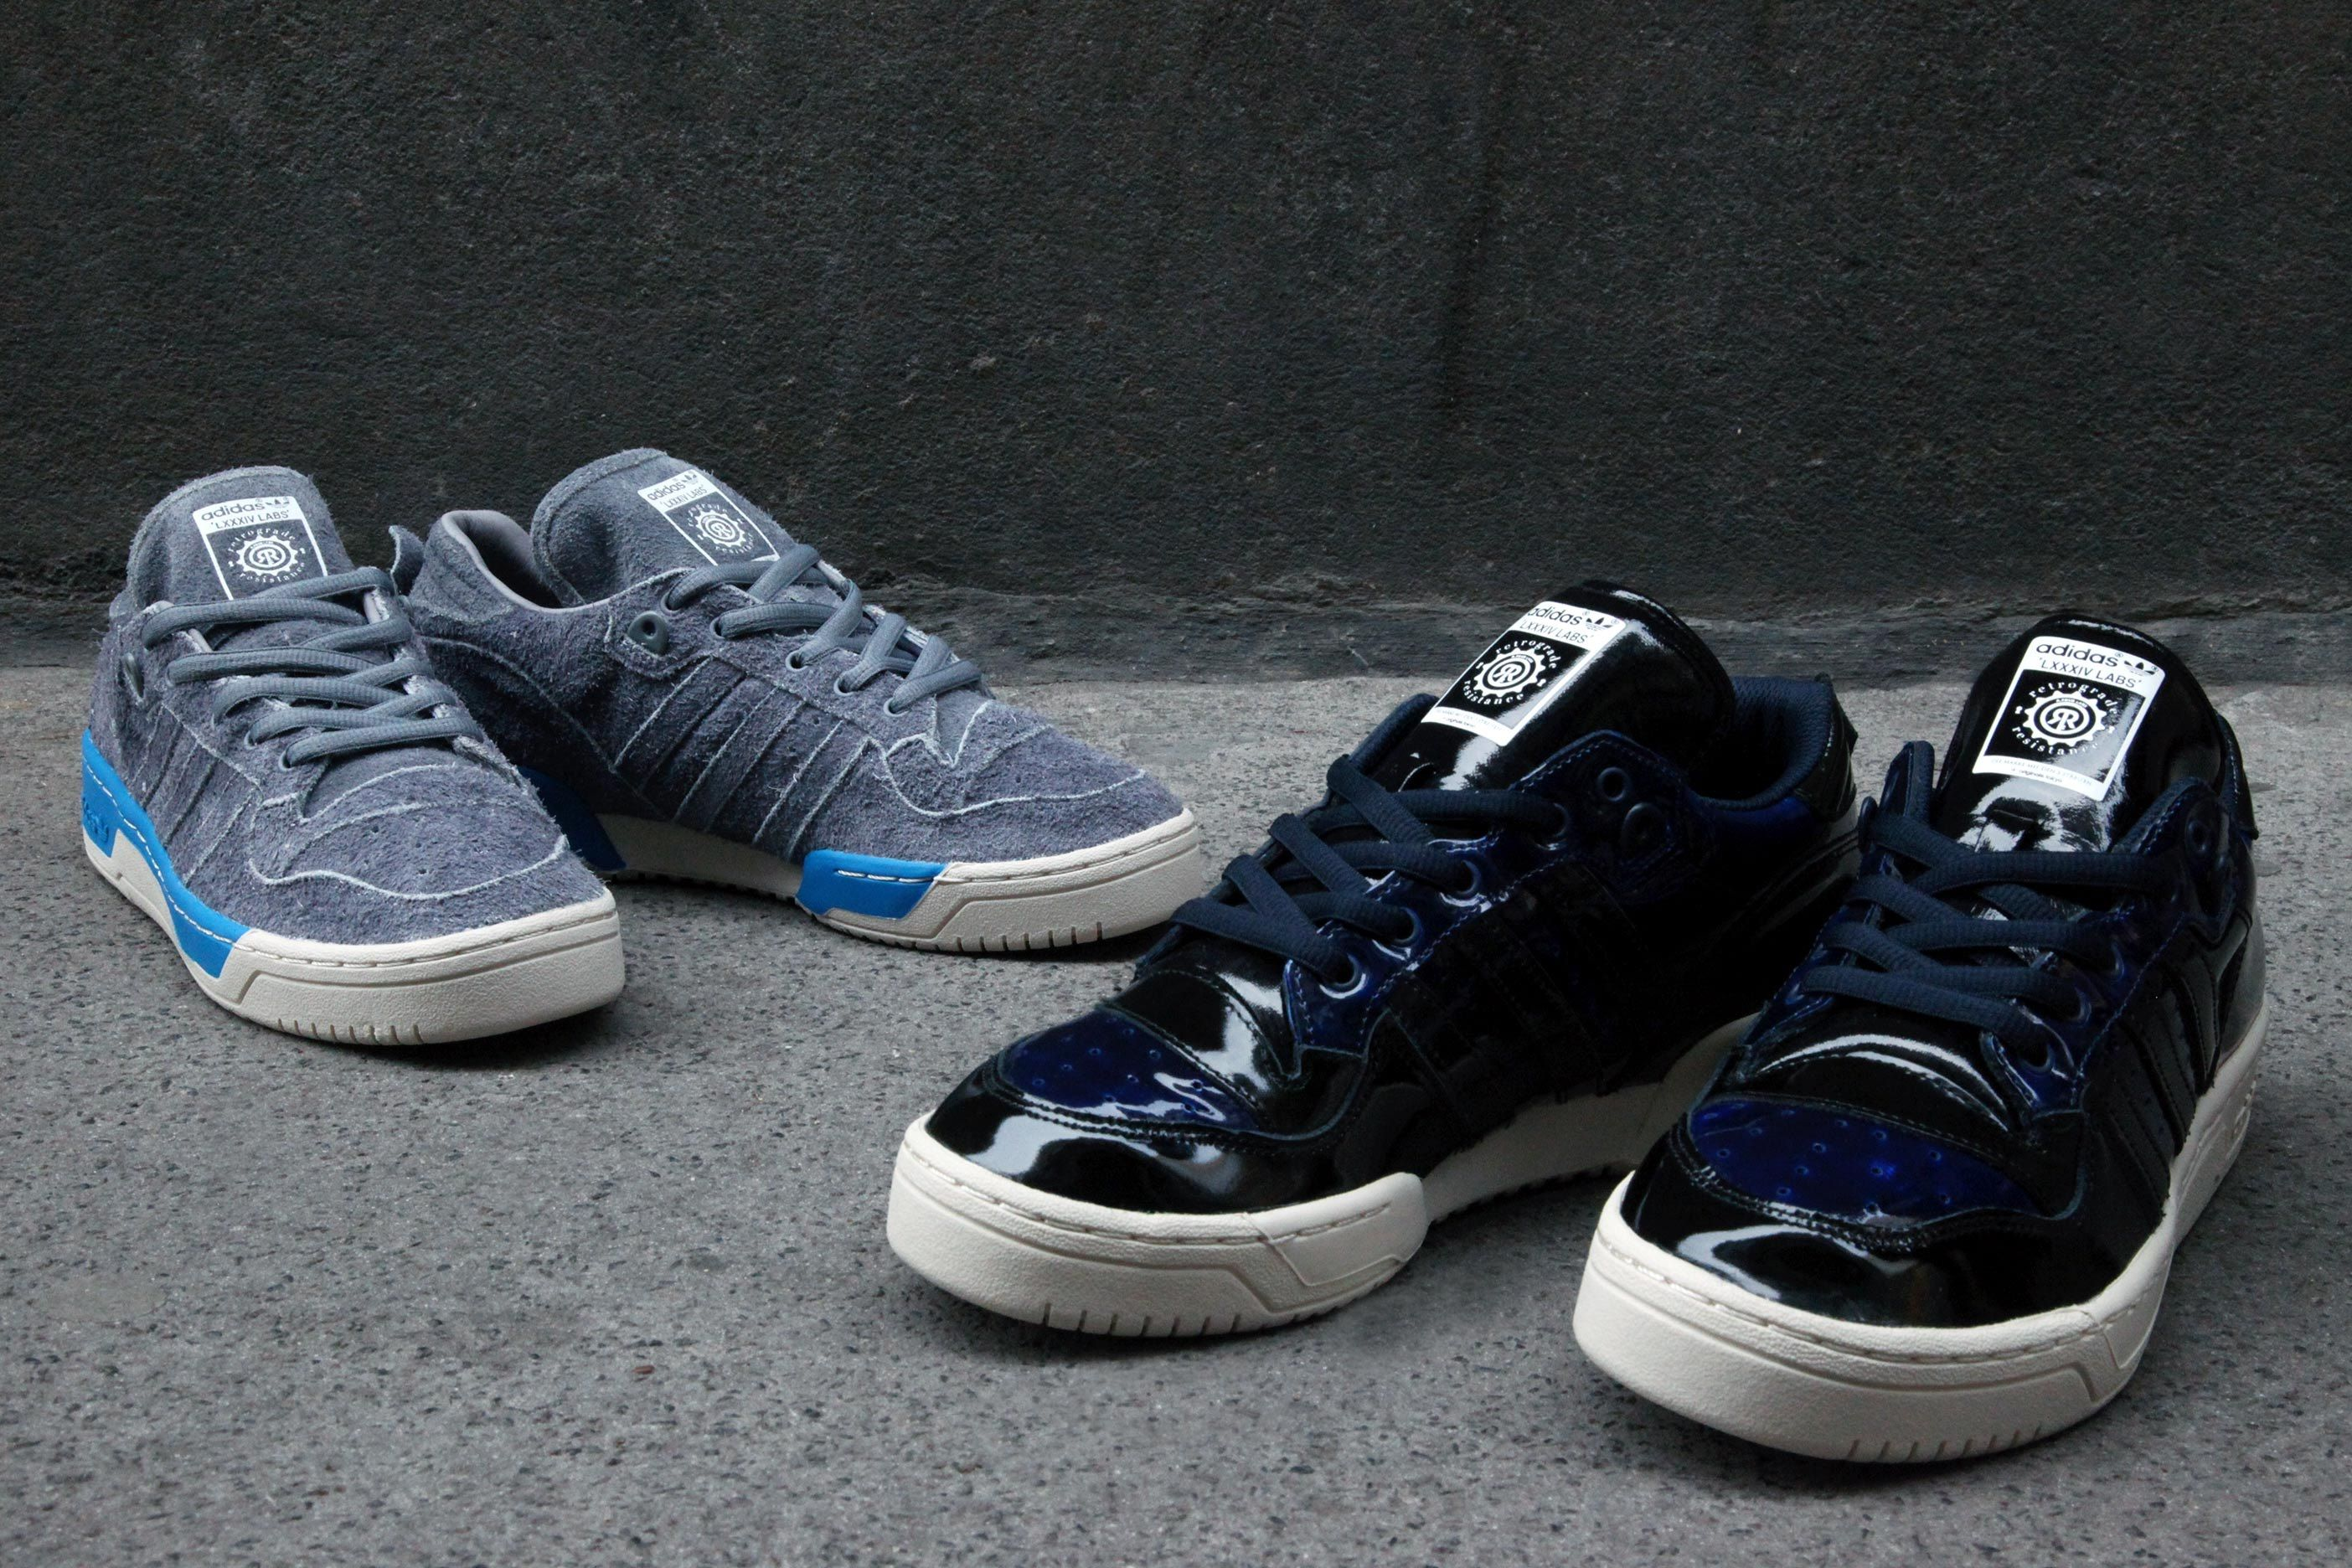 adidas originali kzk 84 laboratorio scarpe adidas rivalità rivalità: